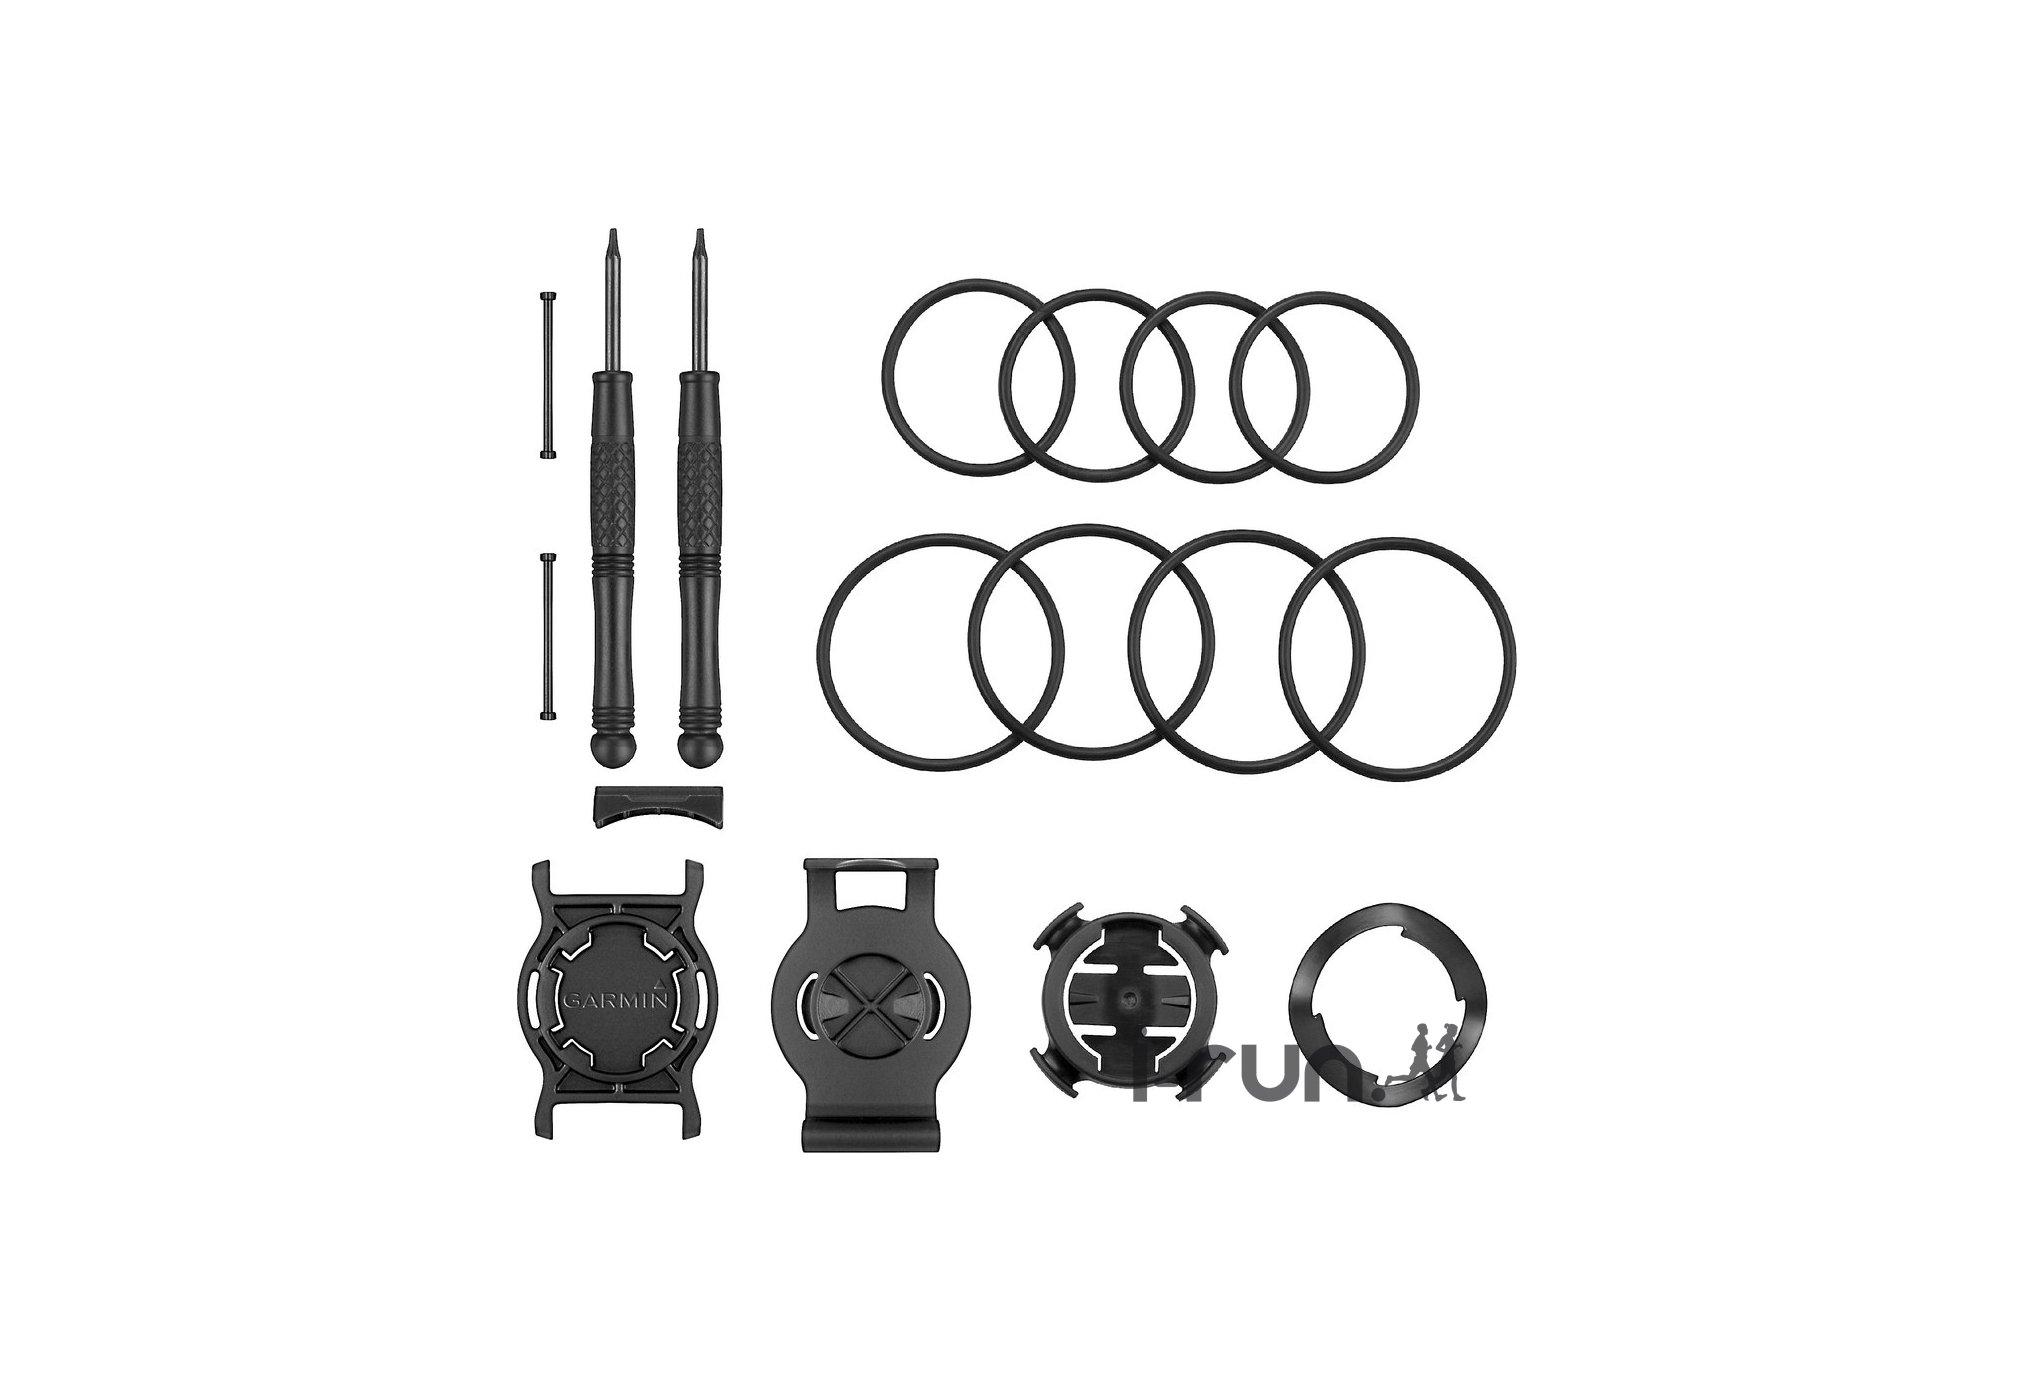 Garmin kit de montage rapide Fenix 3 Accessoires montres/ Bracelets